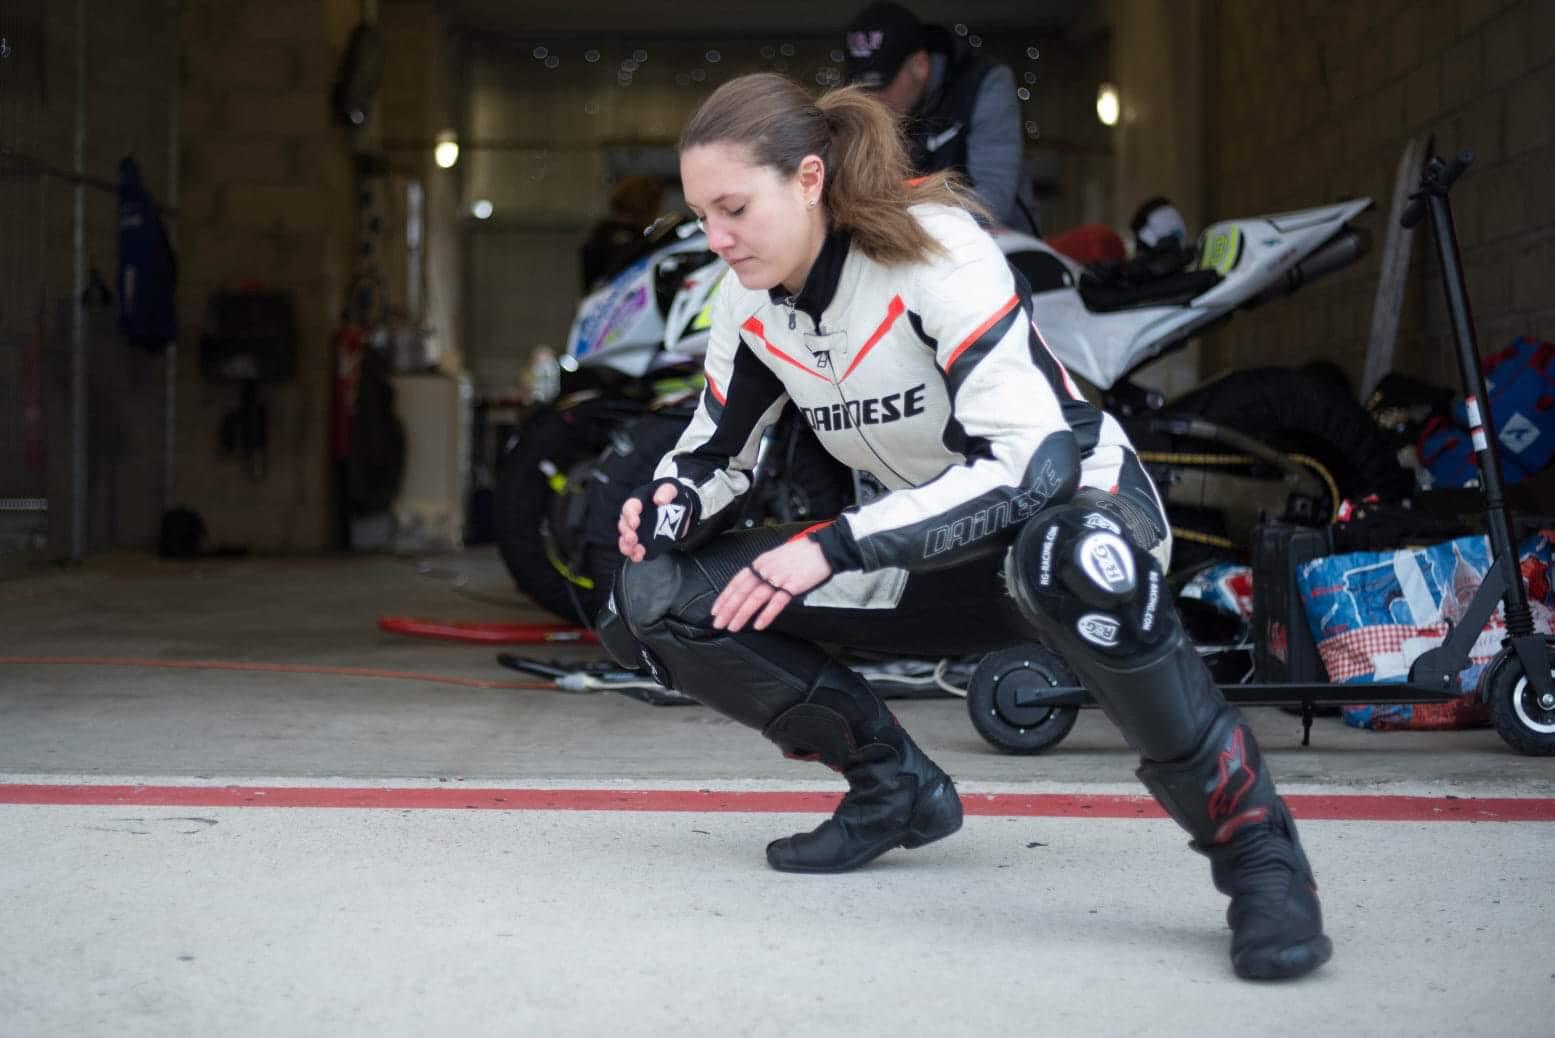 echauffement circuit moto